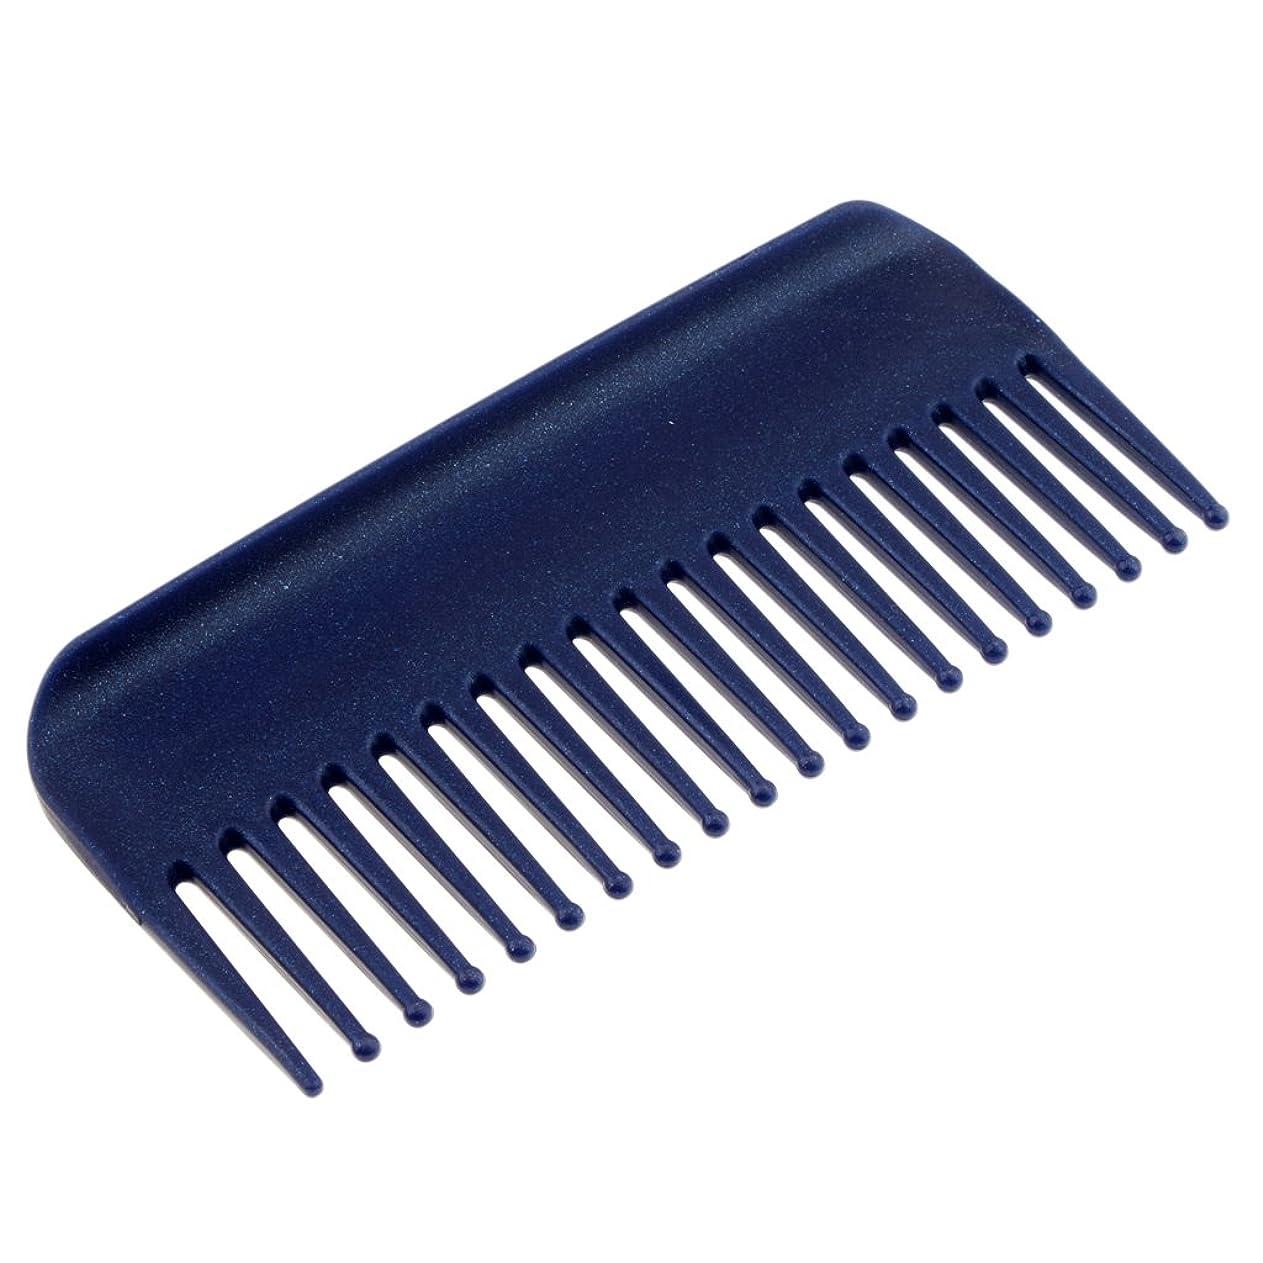 スケジュール望み宿題Fenteer ヘアコーム サロン ヘアケア 脱毛ヘアコーム ヘアブラシ 耐熱性 帯電防止 頭皮 マッサージ 丸いヘッド 4色選べる - 青